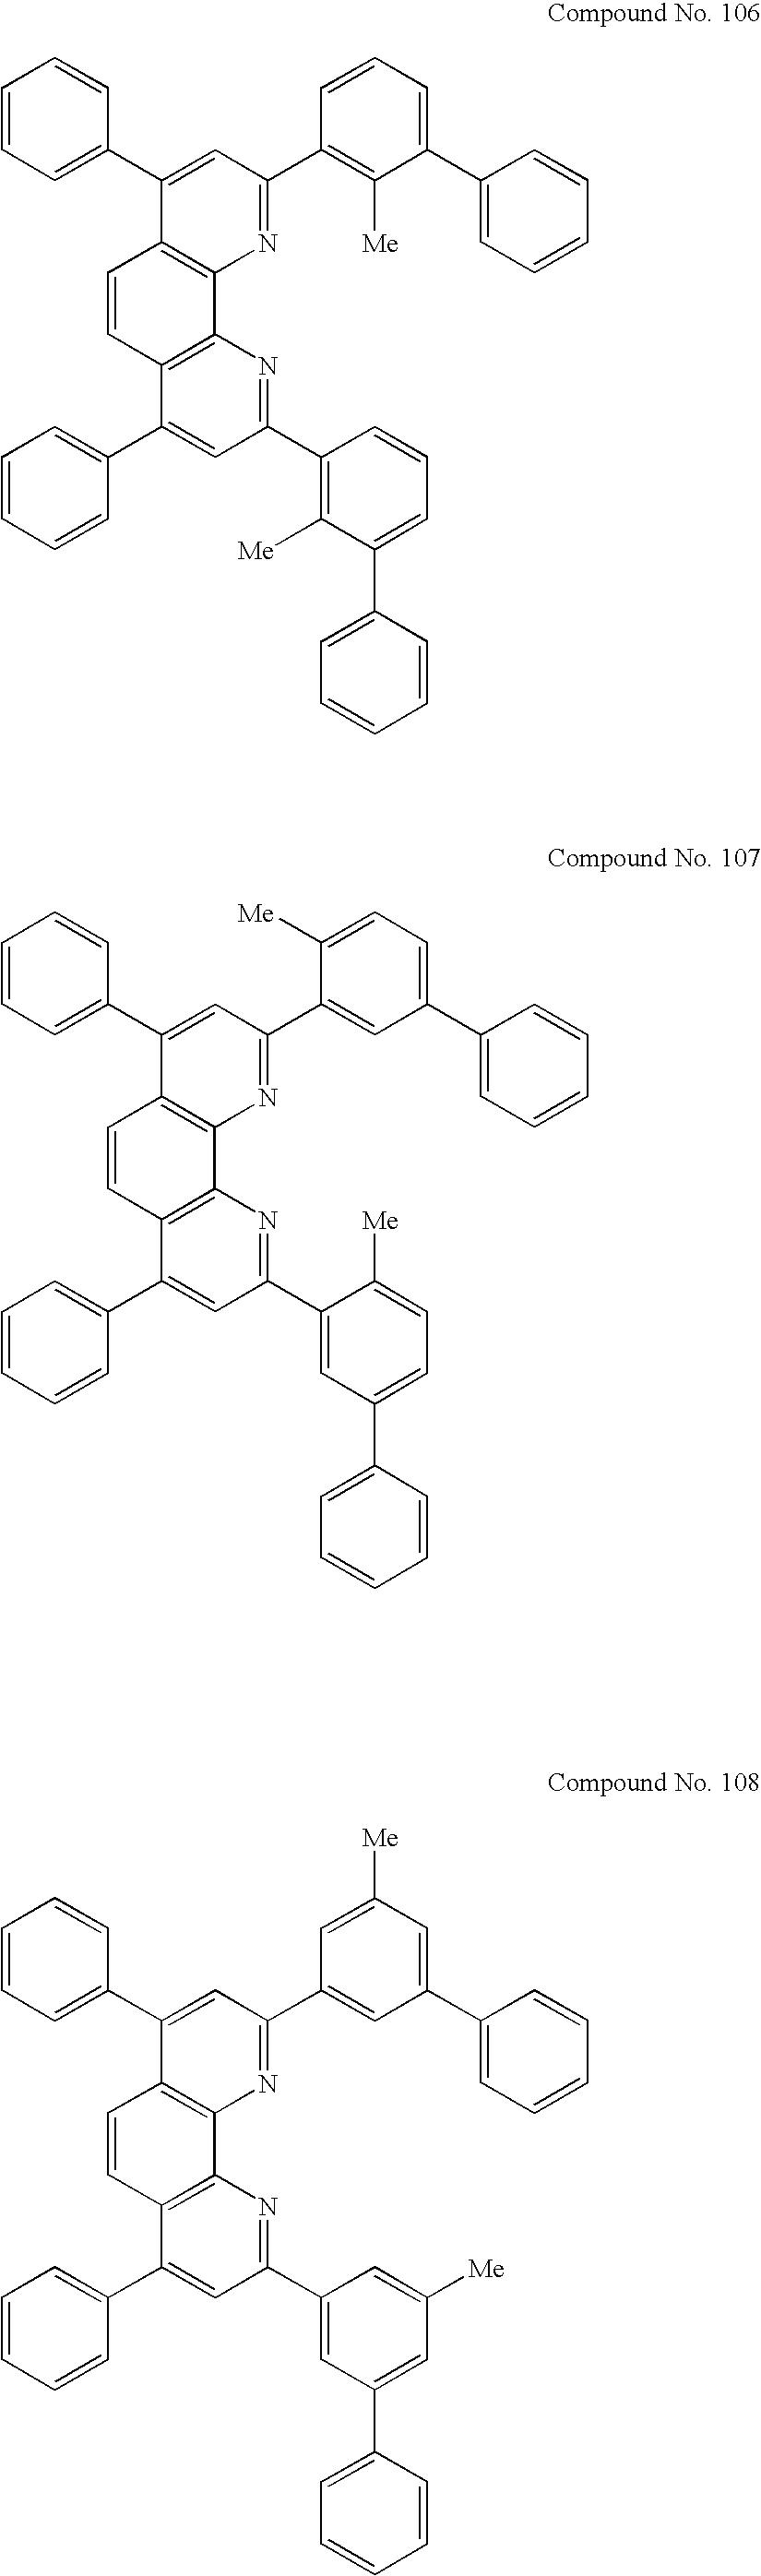 Figure US20050073641A1-20050407-C00034